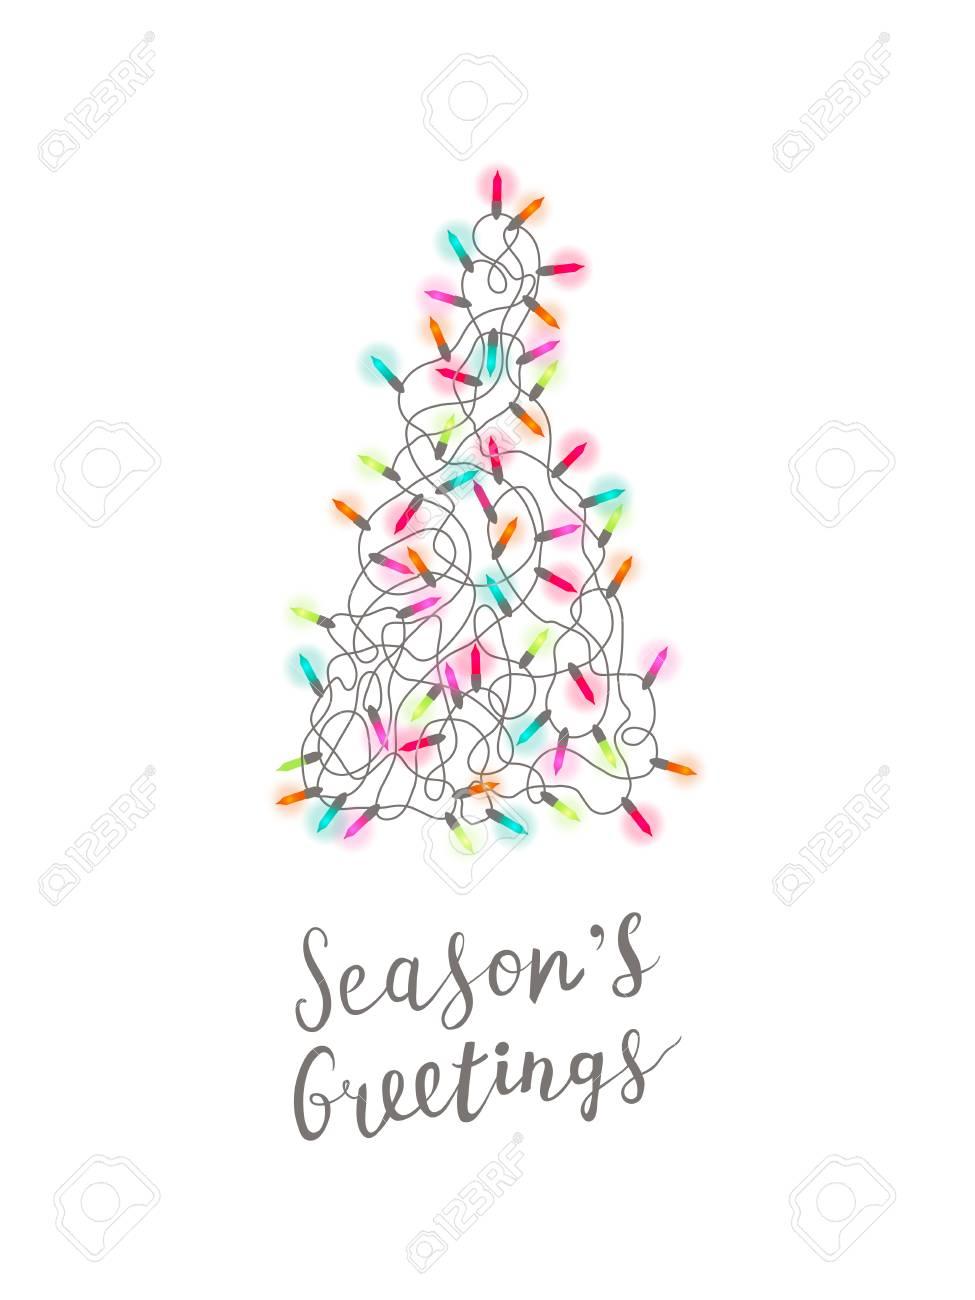 Christmas Card Greetings.Christmas Greeting Card With Christmas Tree Made Of Tangled Christmas